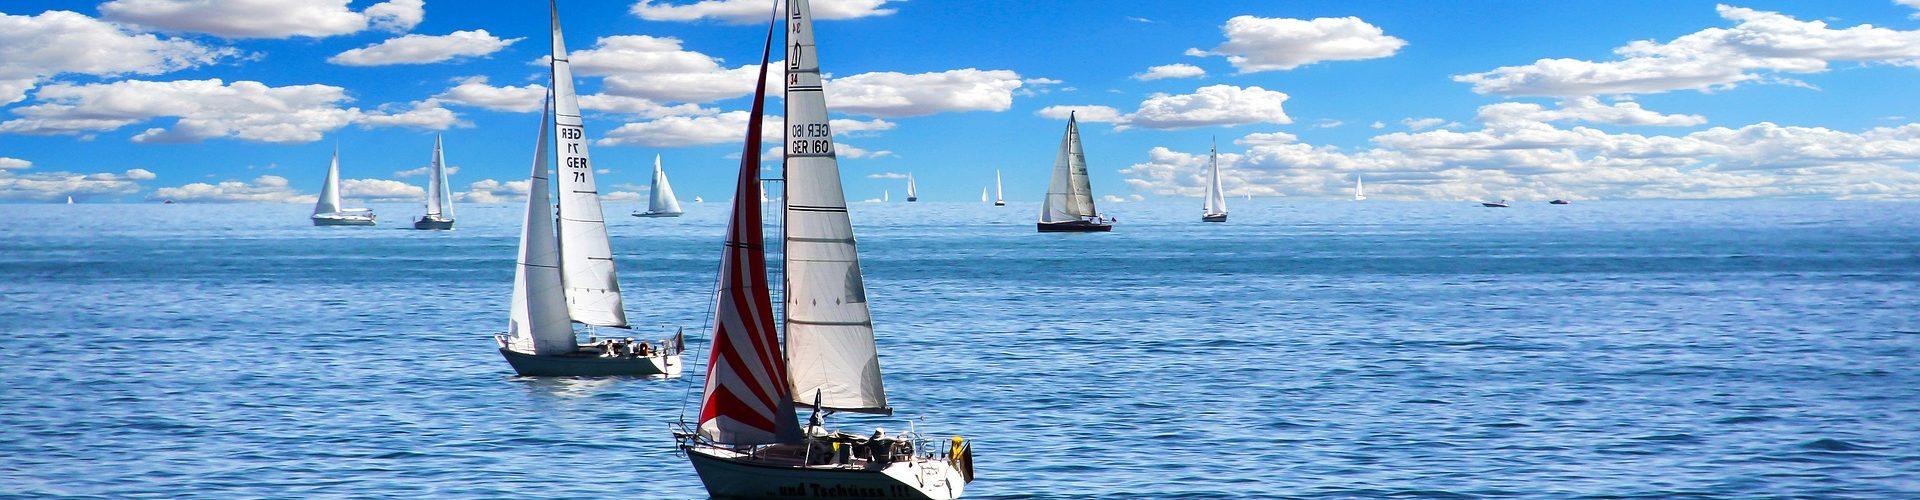 segeln lernen in Neuwied segelschein machen in Neuwied 1920x500 - Segeln lernen in Neuwied